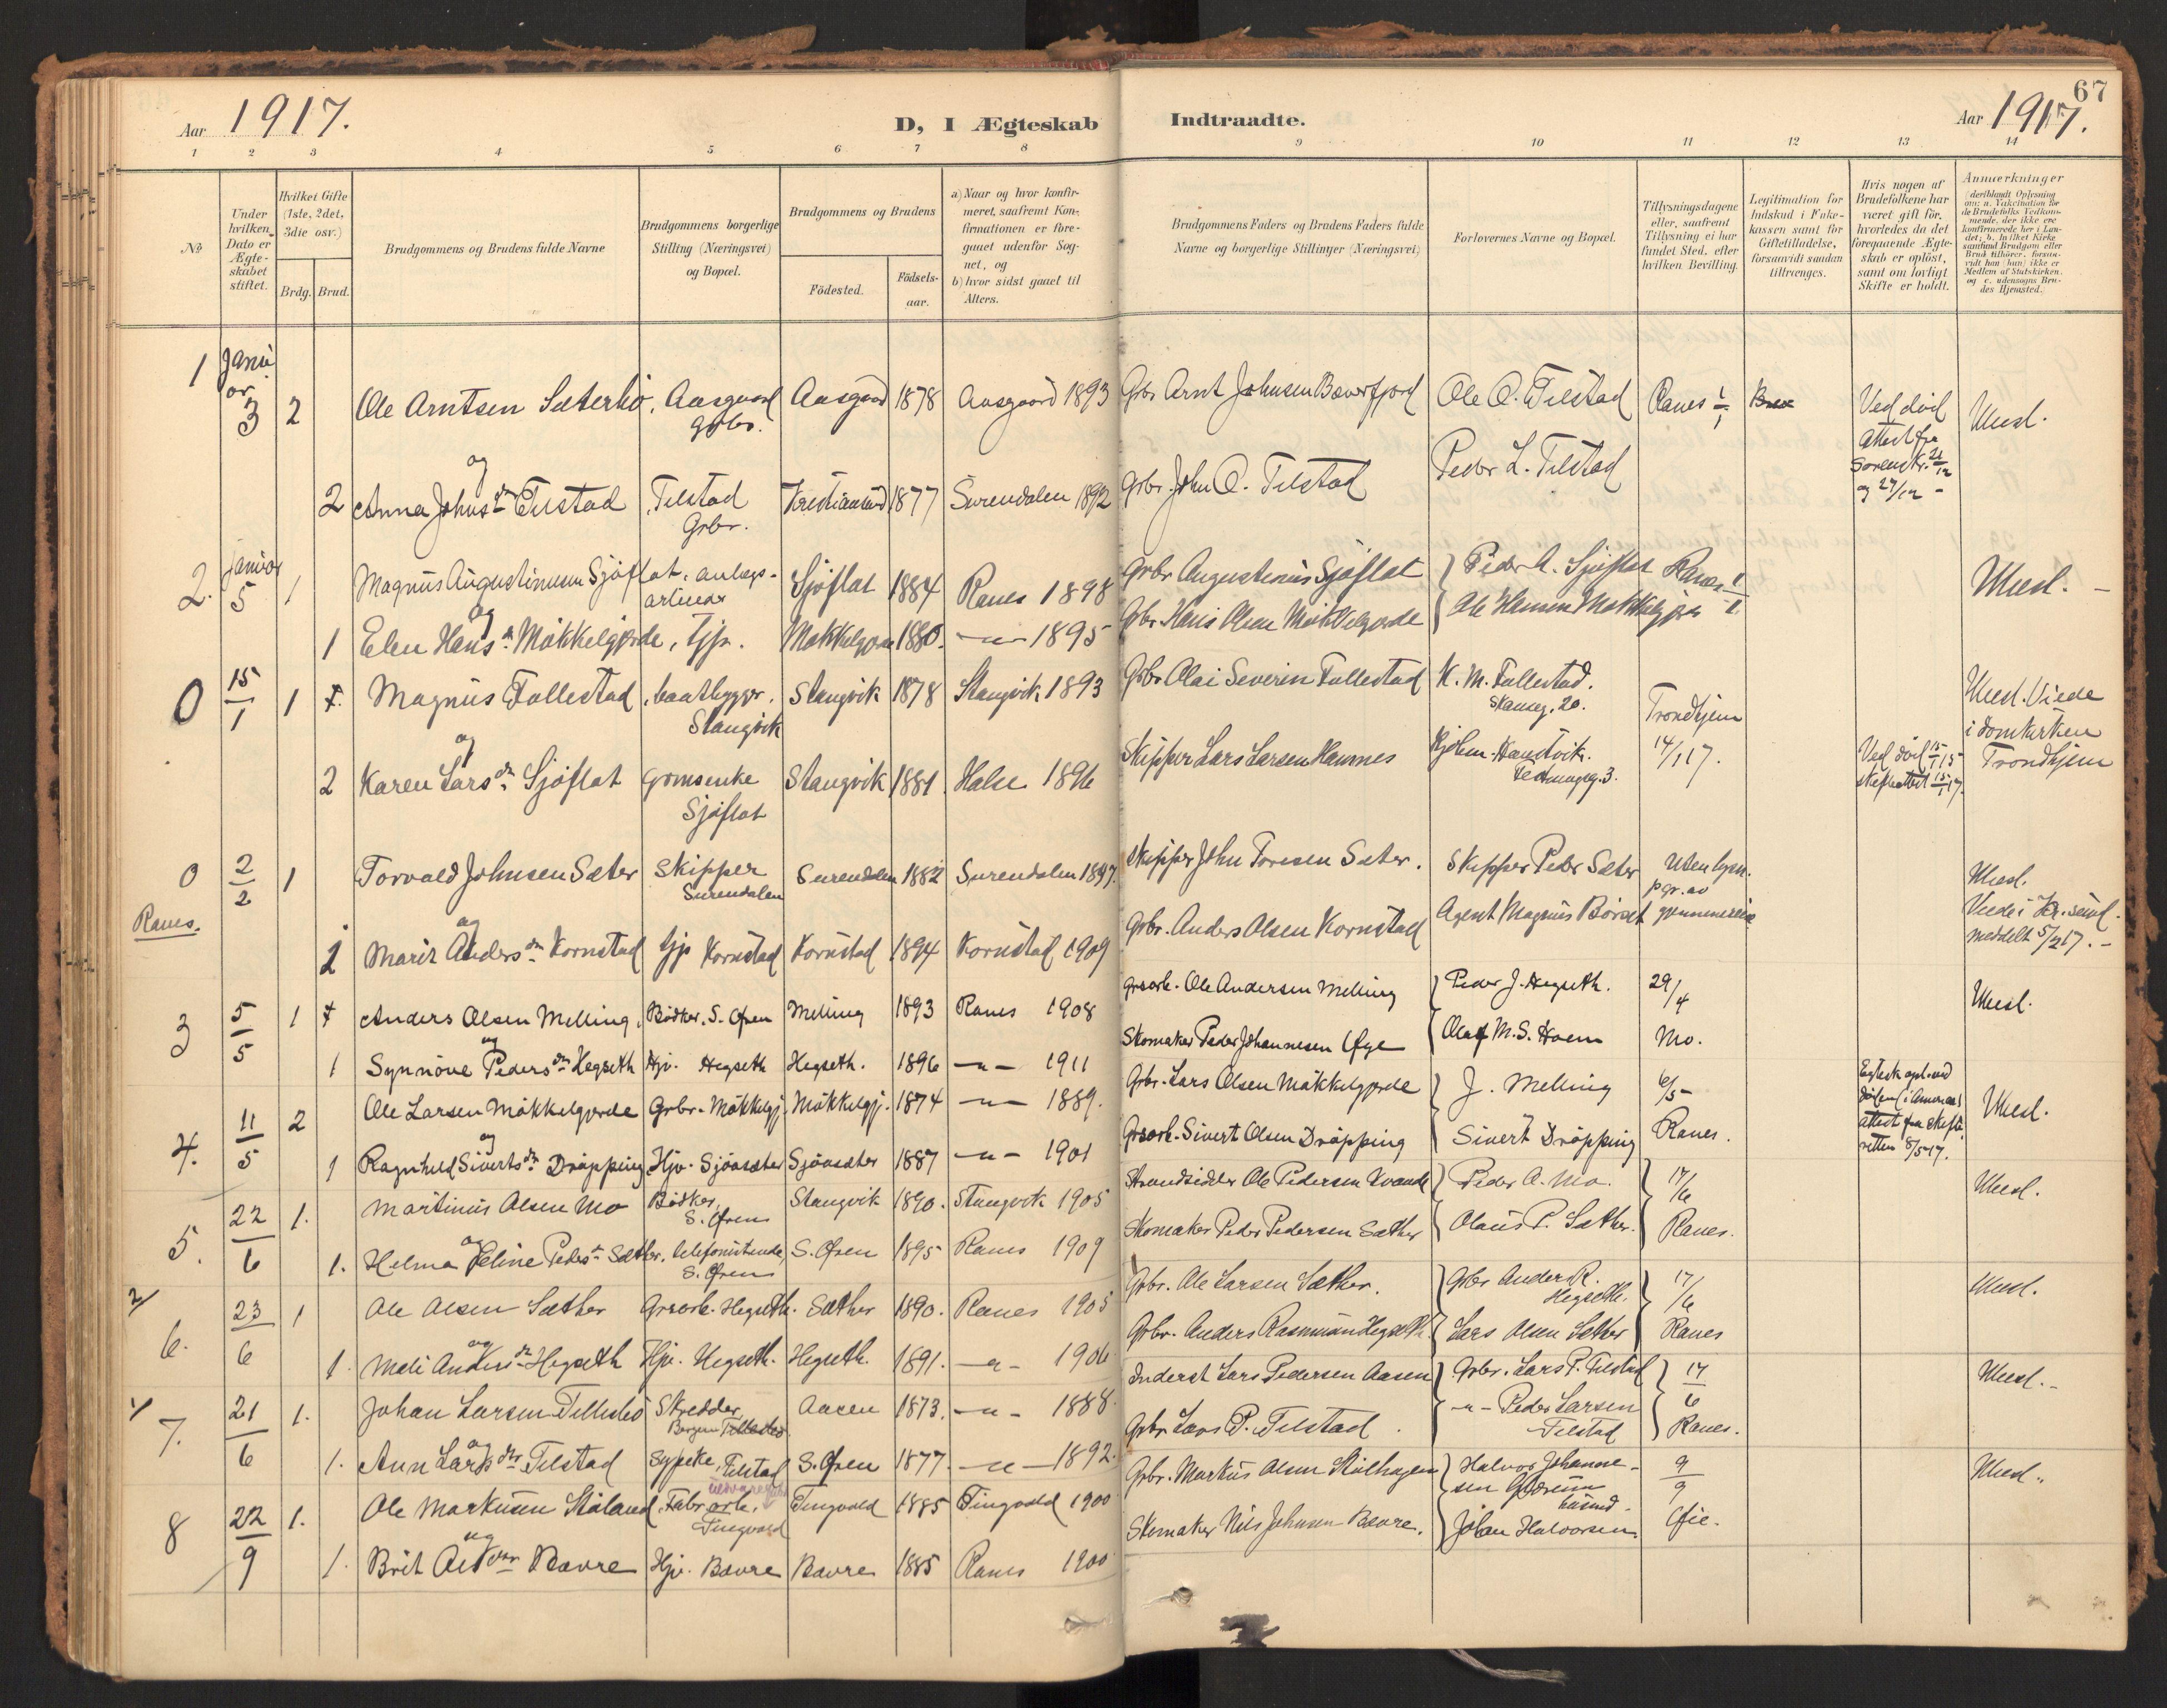 SAT, Ministerialprotokoller, klokkerbøker og fødselsregistre - Møre og Romsdal, 595/L1048: Ministerialbok nr. 595A10, 1900-1917, s. 67